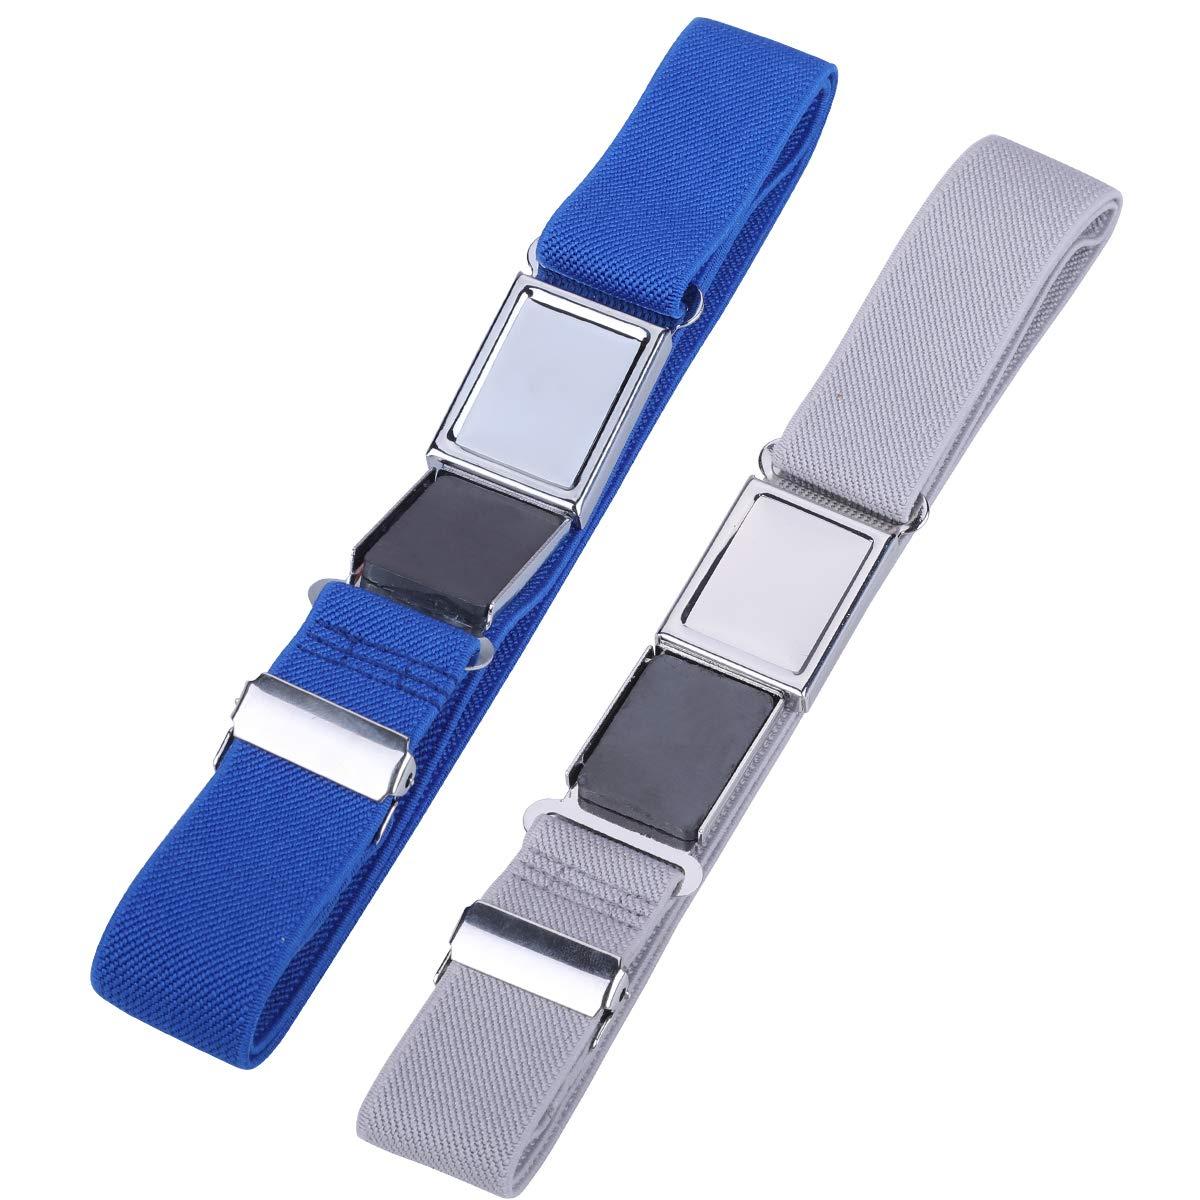 Kids Adjustable Magnetic Belt for Boys Girls Elastic Stretch Buckle Belts by WELROG